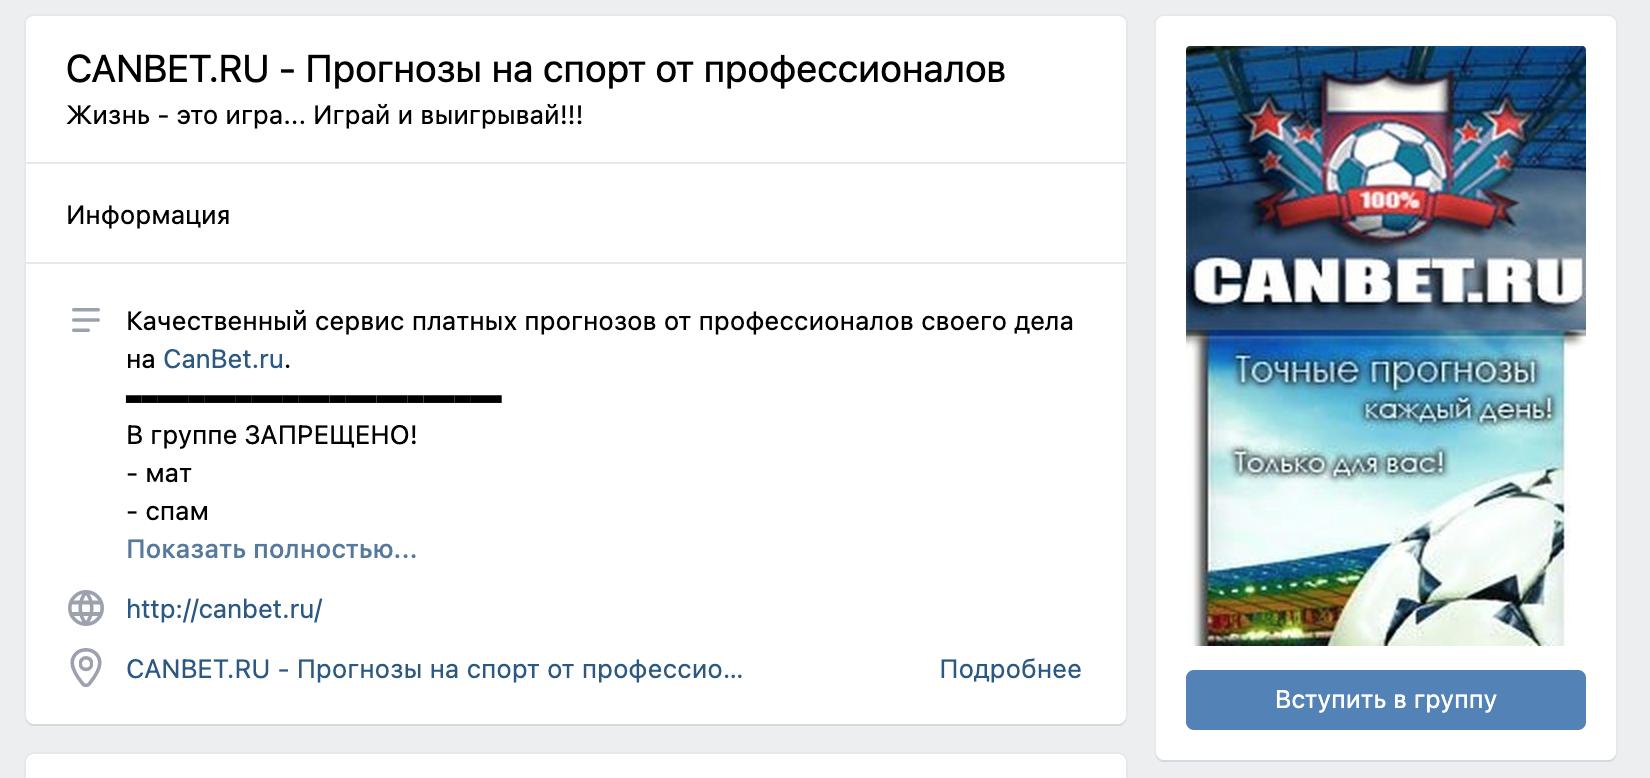 Группа ВК CANBET.RU